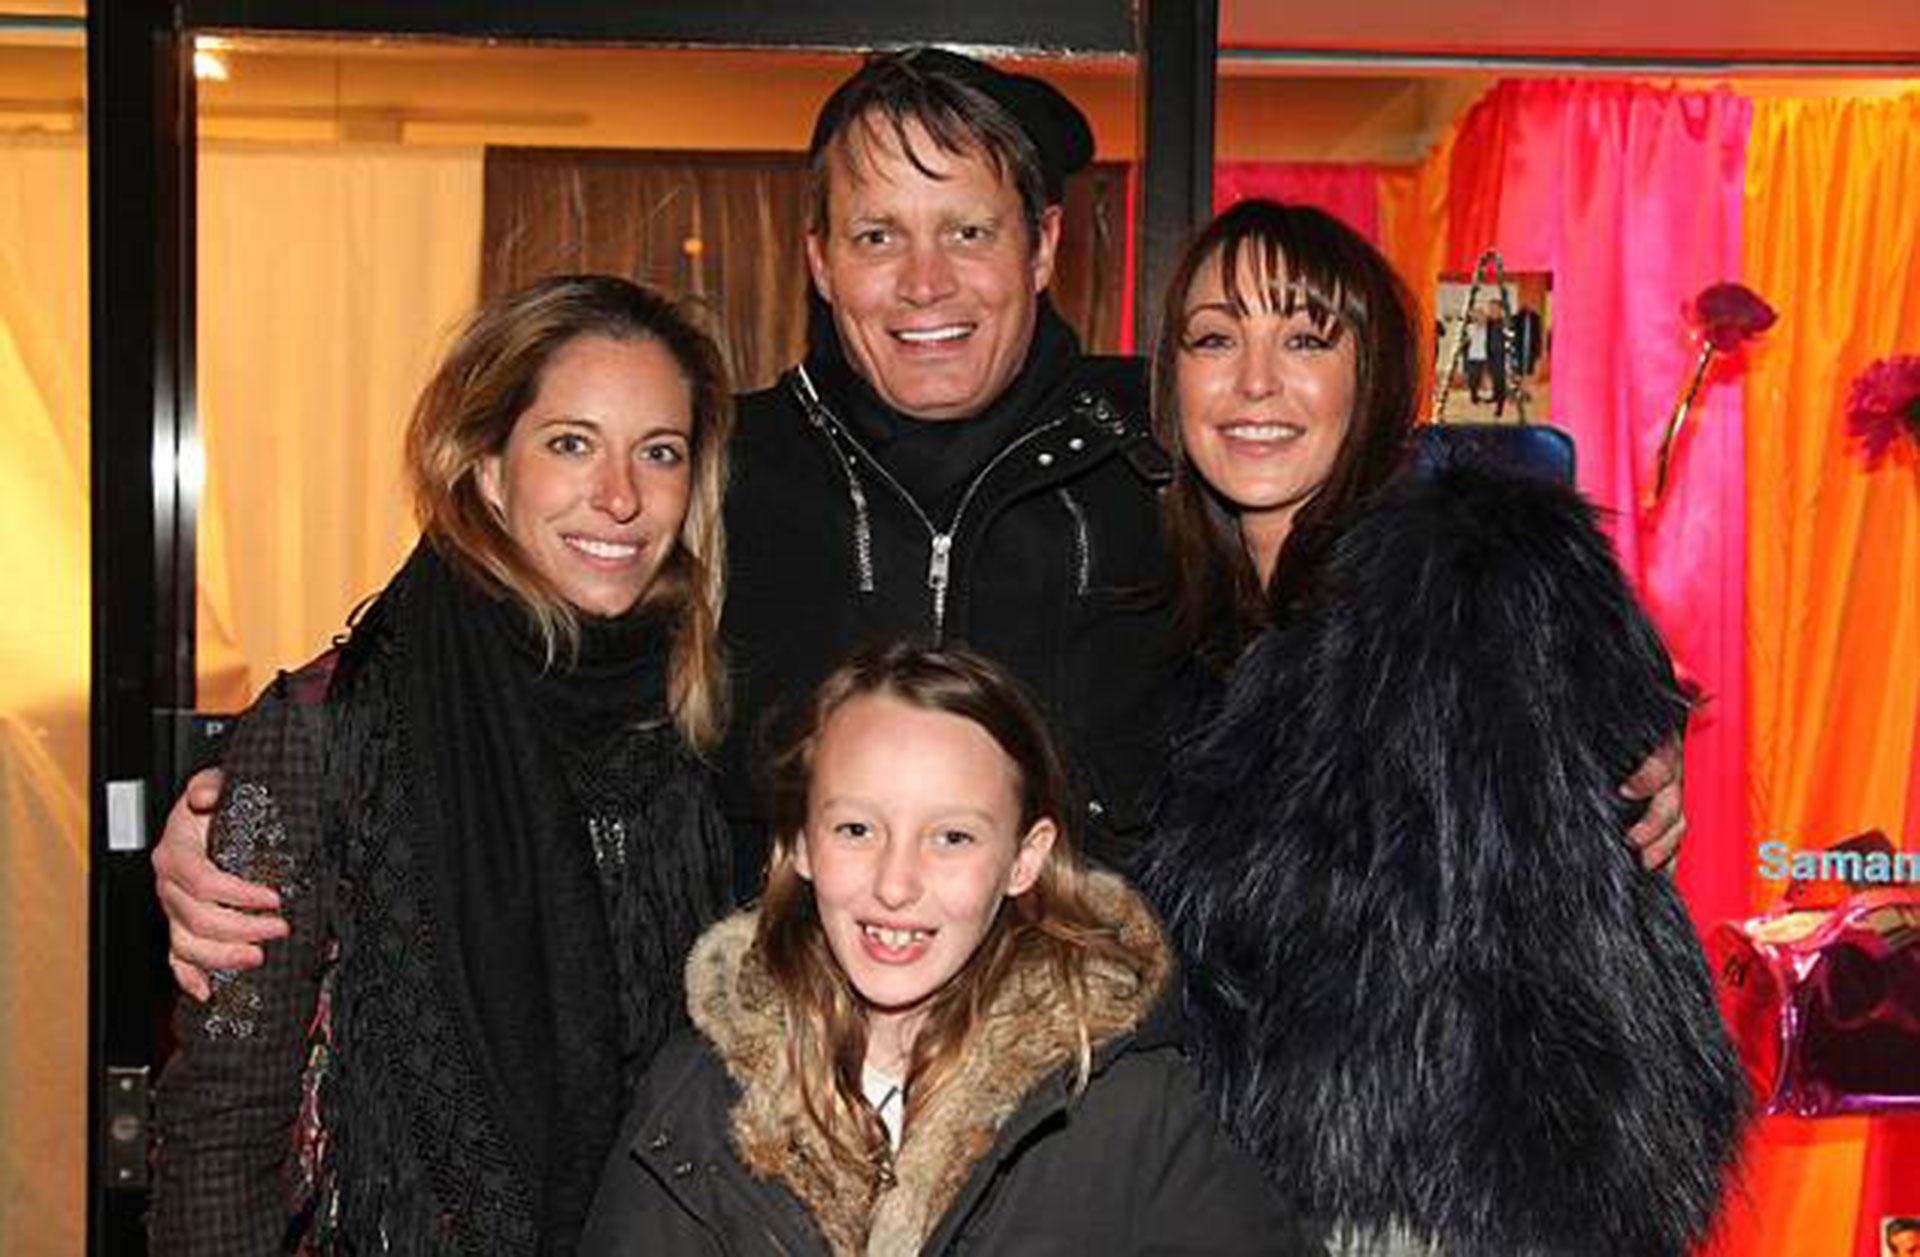 Nicole Hanley Mellon, la segunda esposa de Matthew, Tamara Mellon y la hija de ambos, Minty, en diciembre de 2010